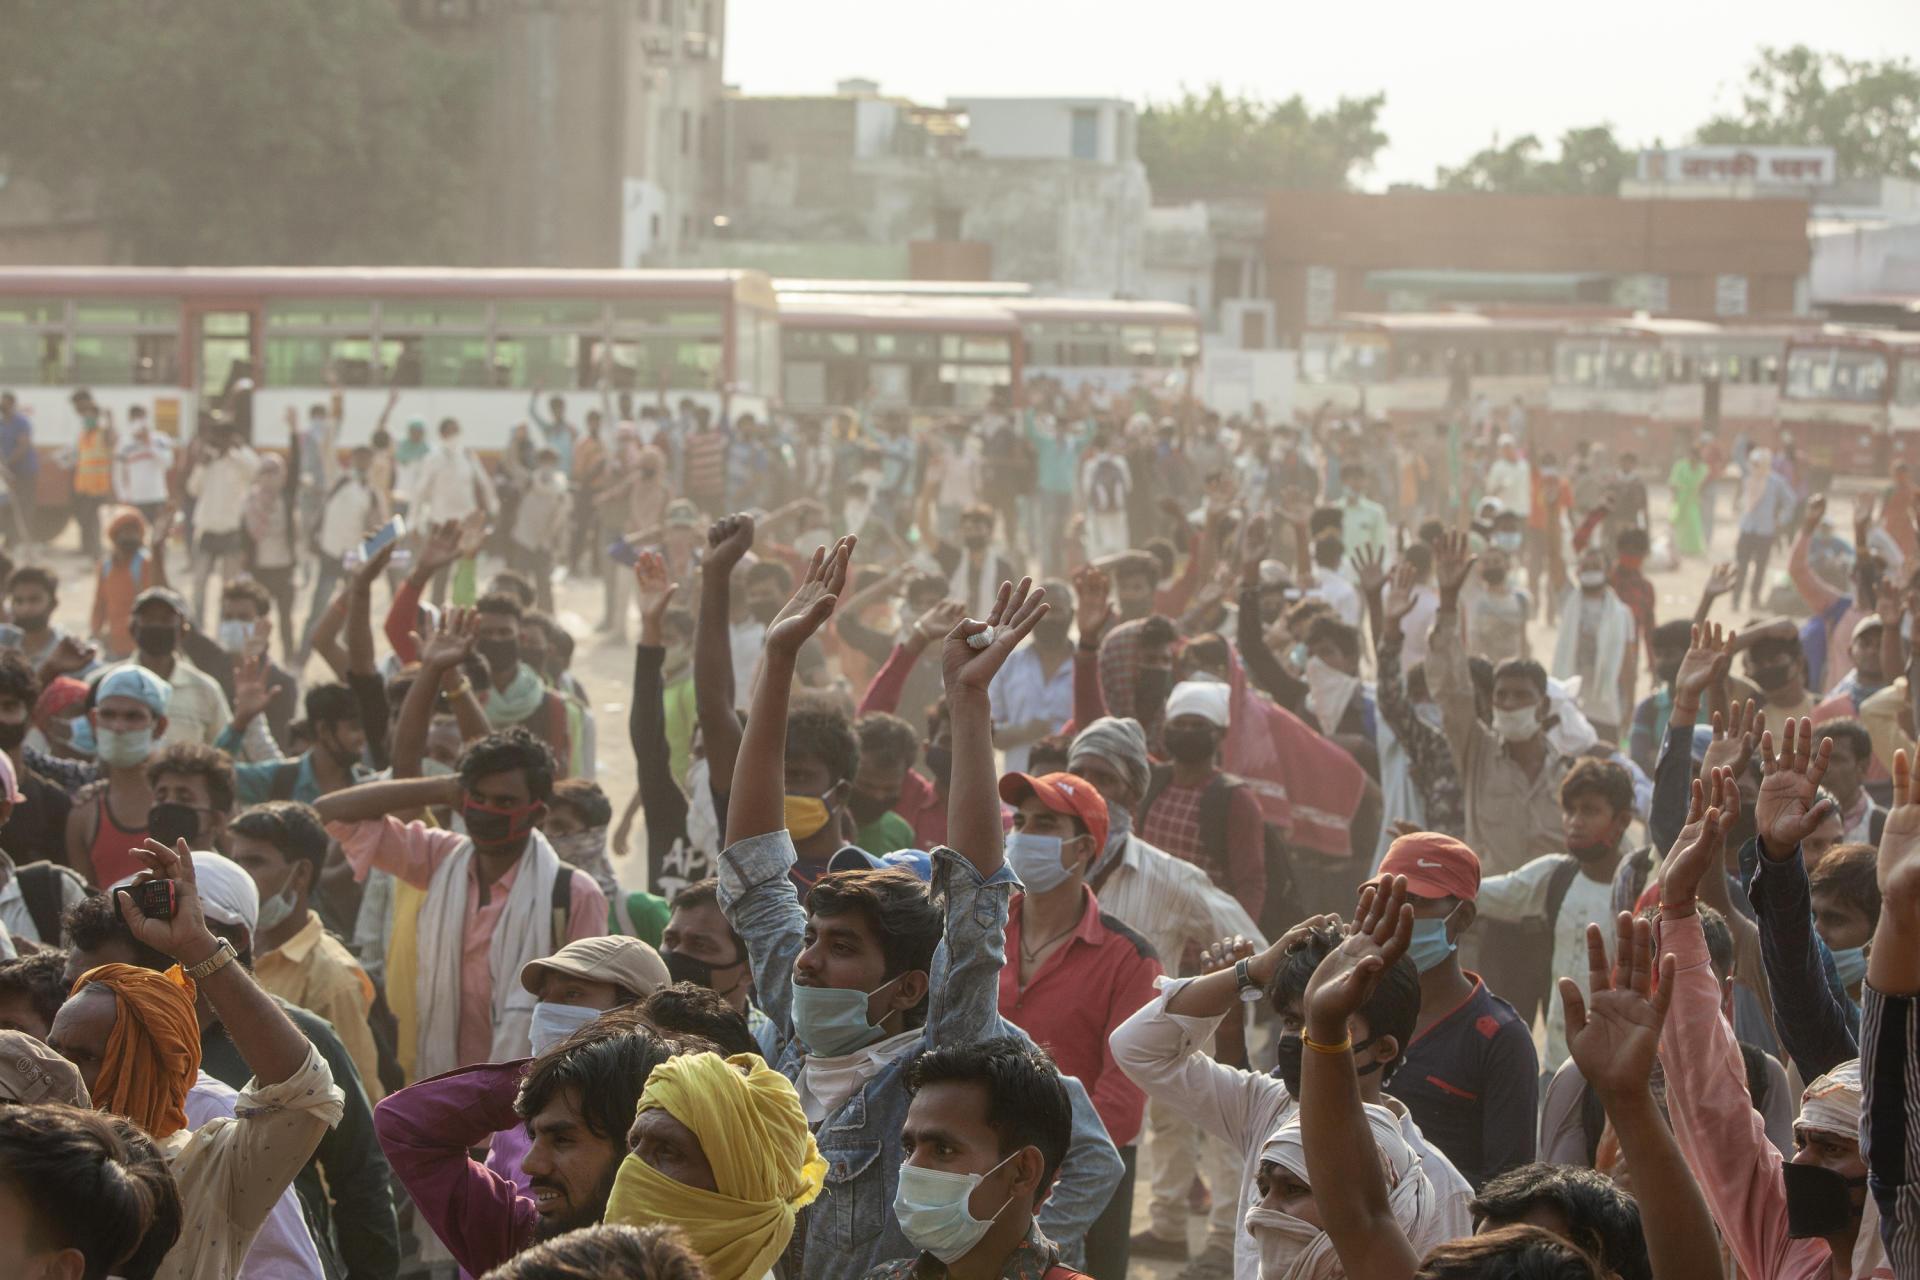 A la gare routière de Ghaziabad (Uttar Pradesh) dans la grande banlieue de New Delhi, le 18 mai, des millers de travailleurs attendent l'annonce du départ vers leur destination.